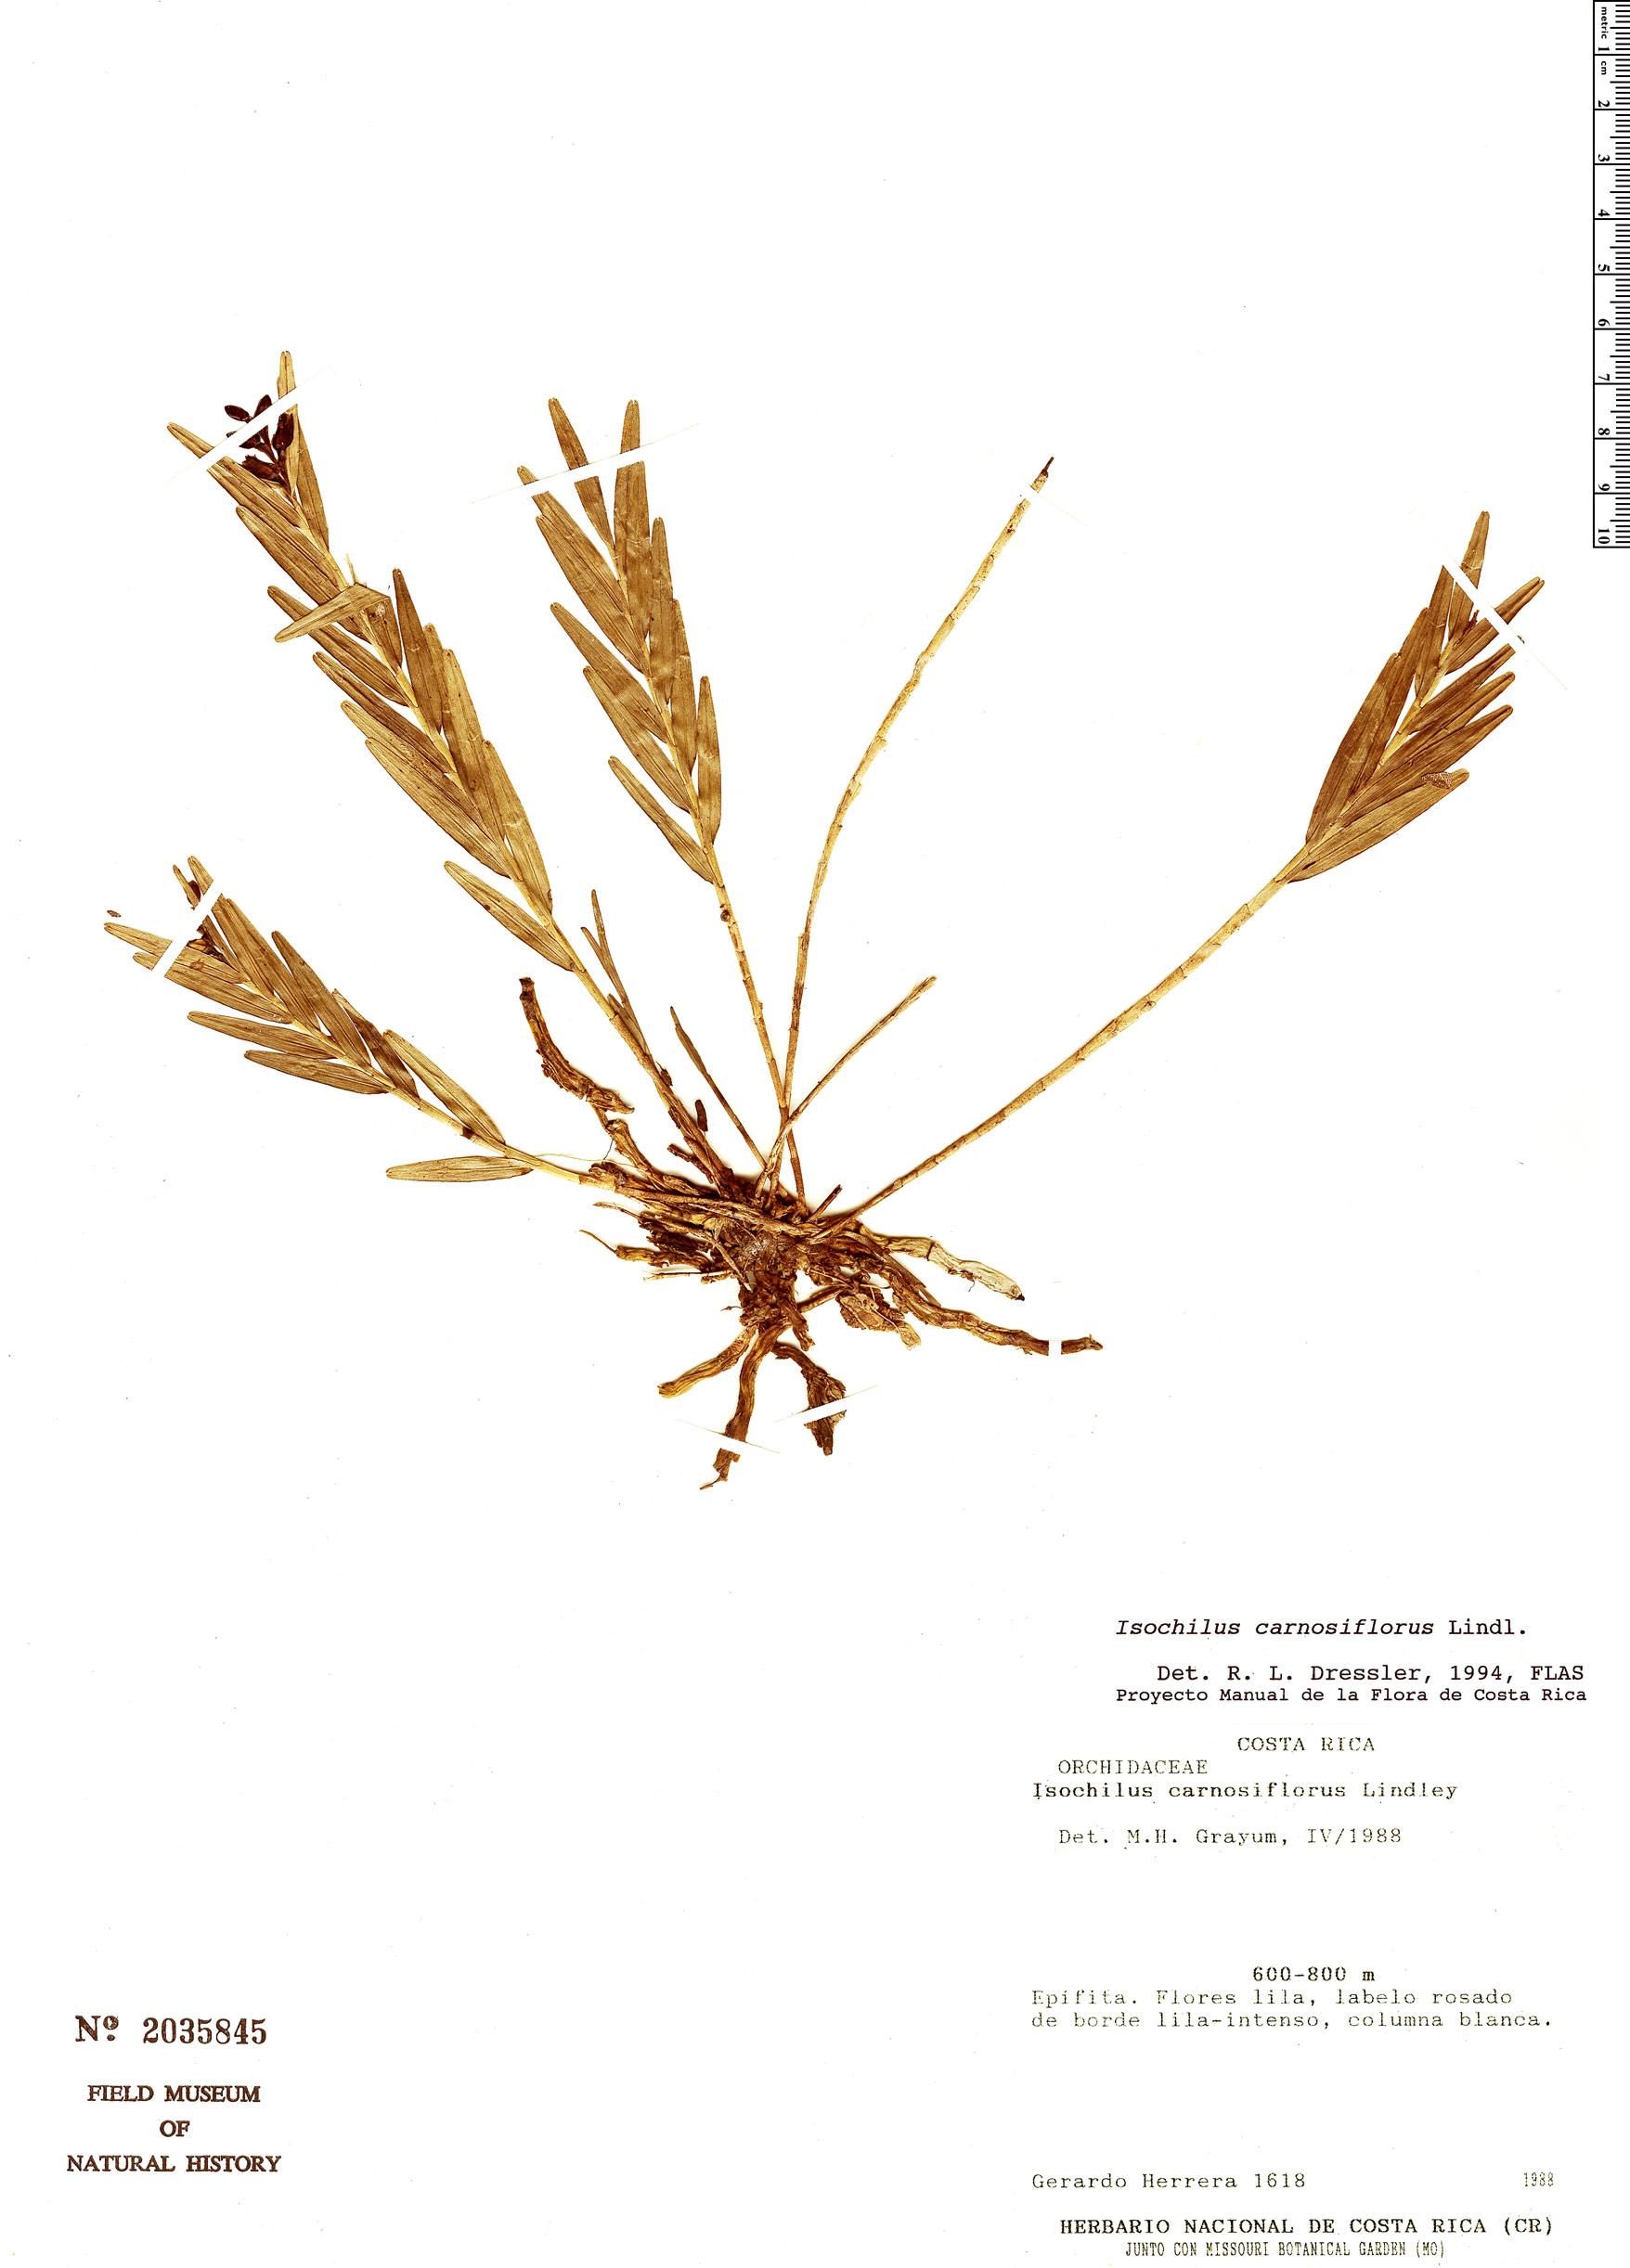 Specimen: Isochilus carnosiflorus